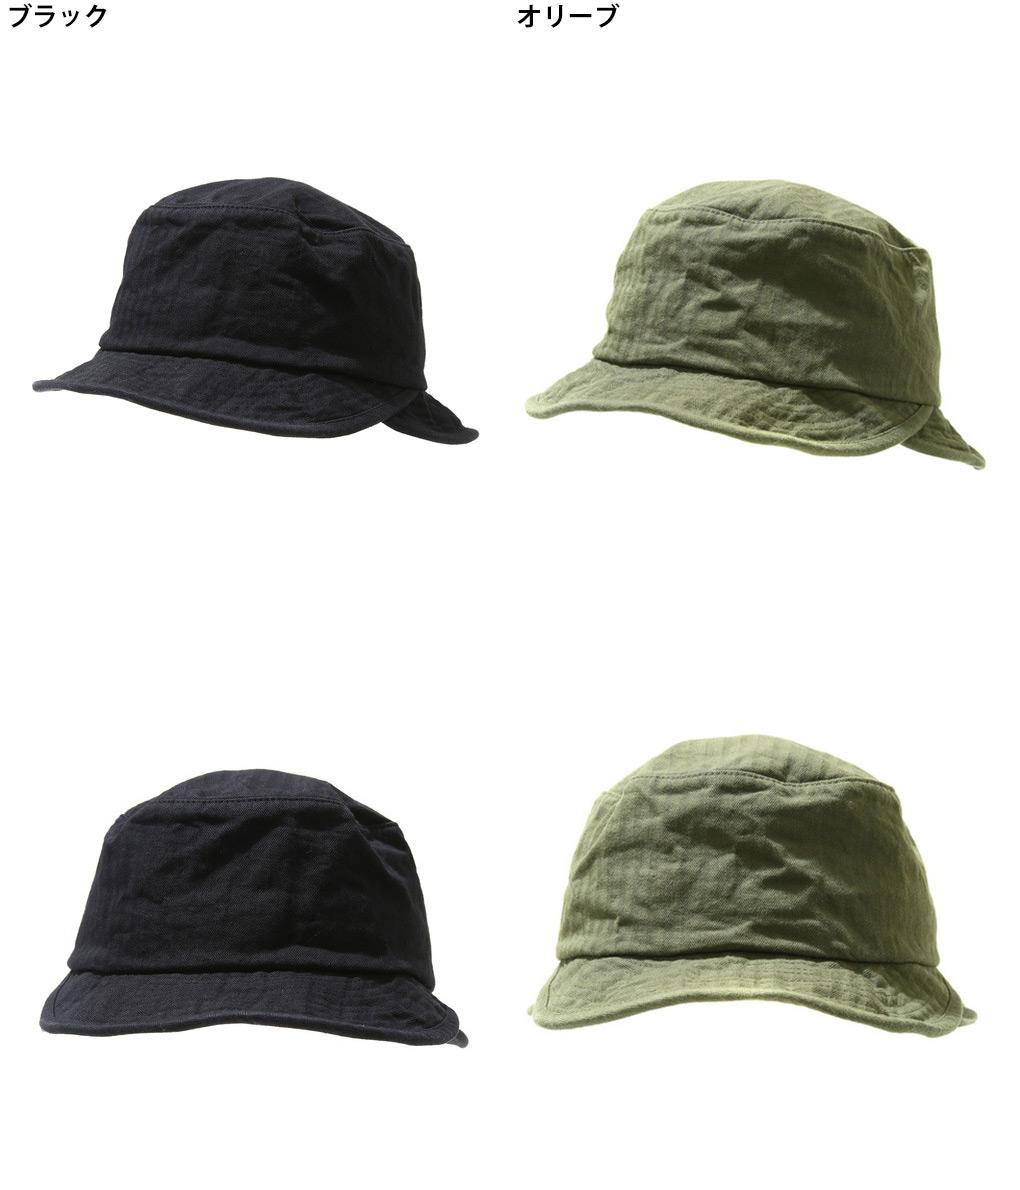 【期間限定!】GOLD 東洋エンタープライズ / ゴールド : HERRINGBONE HAT / 全2色 : ヘリンボー ハット : GL02582 【MUS】 【WIS】